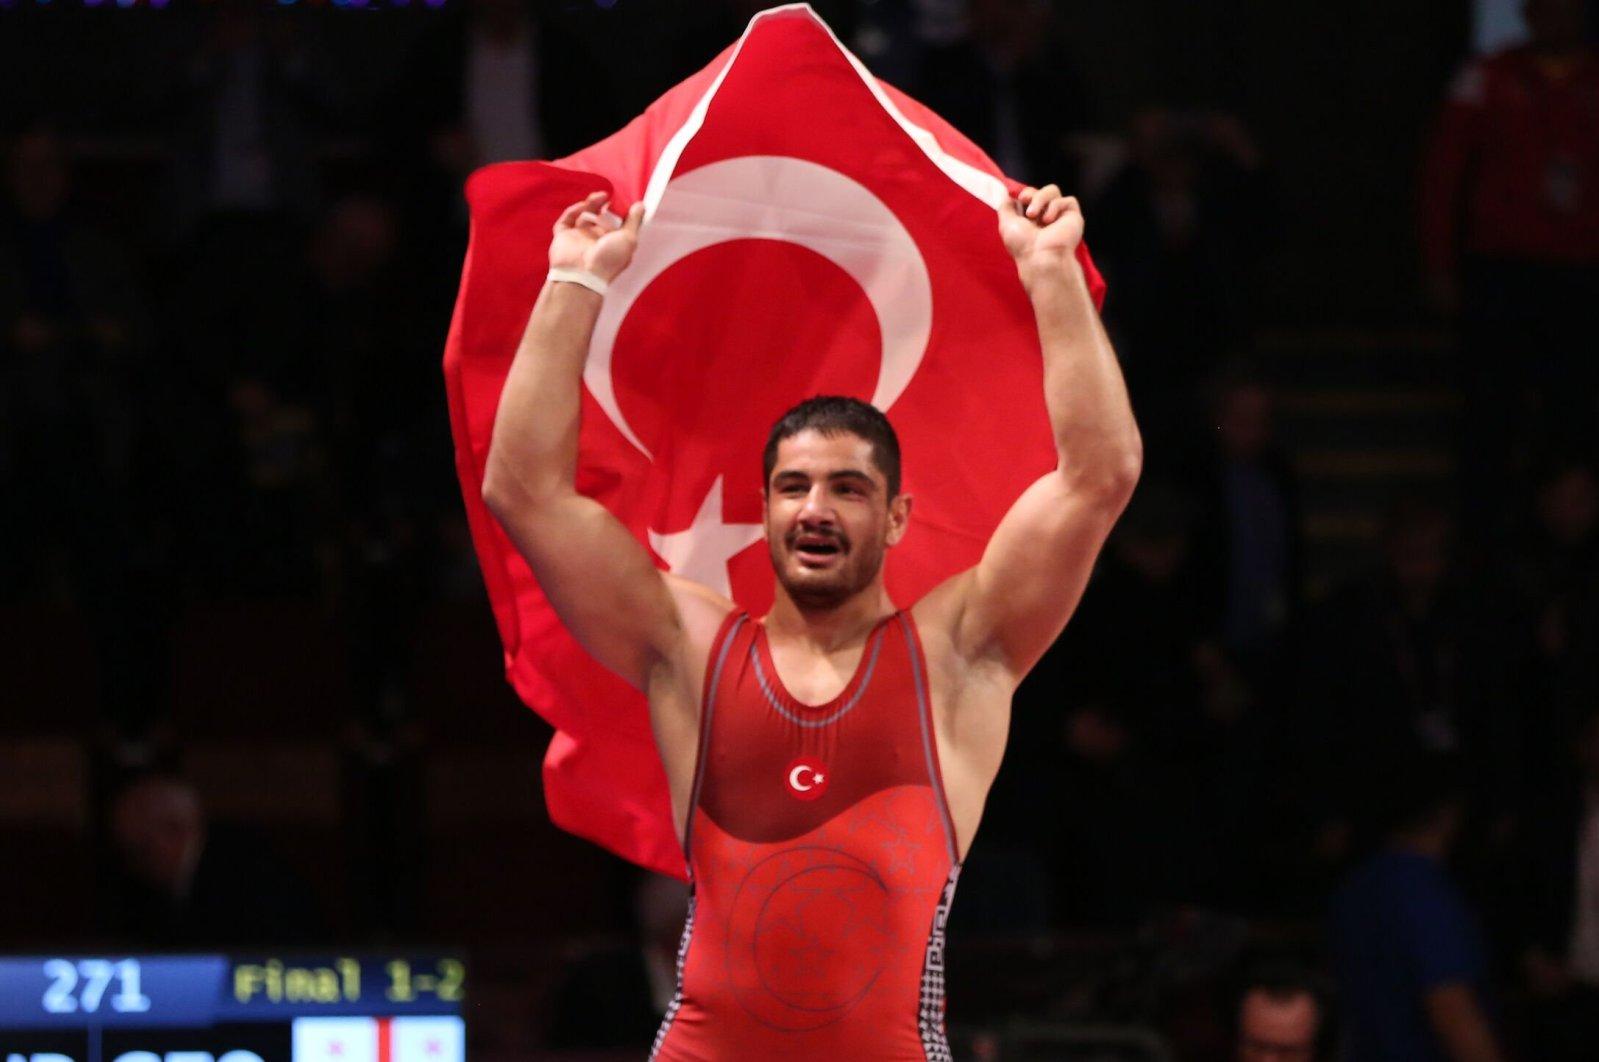 Taha Akgül celebrates after winning a wrestling tournament in Bucharest, Romania, April 12, 2019. (AA Photo)